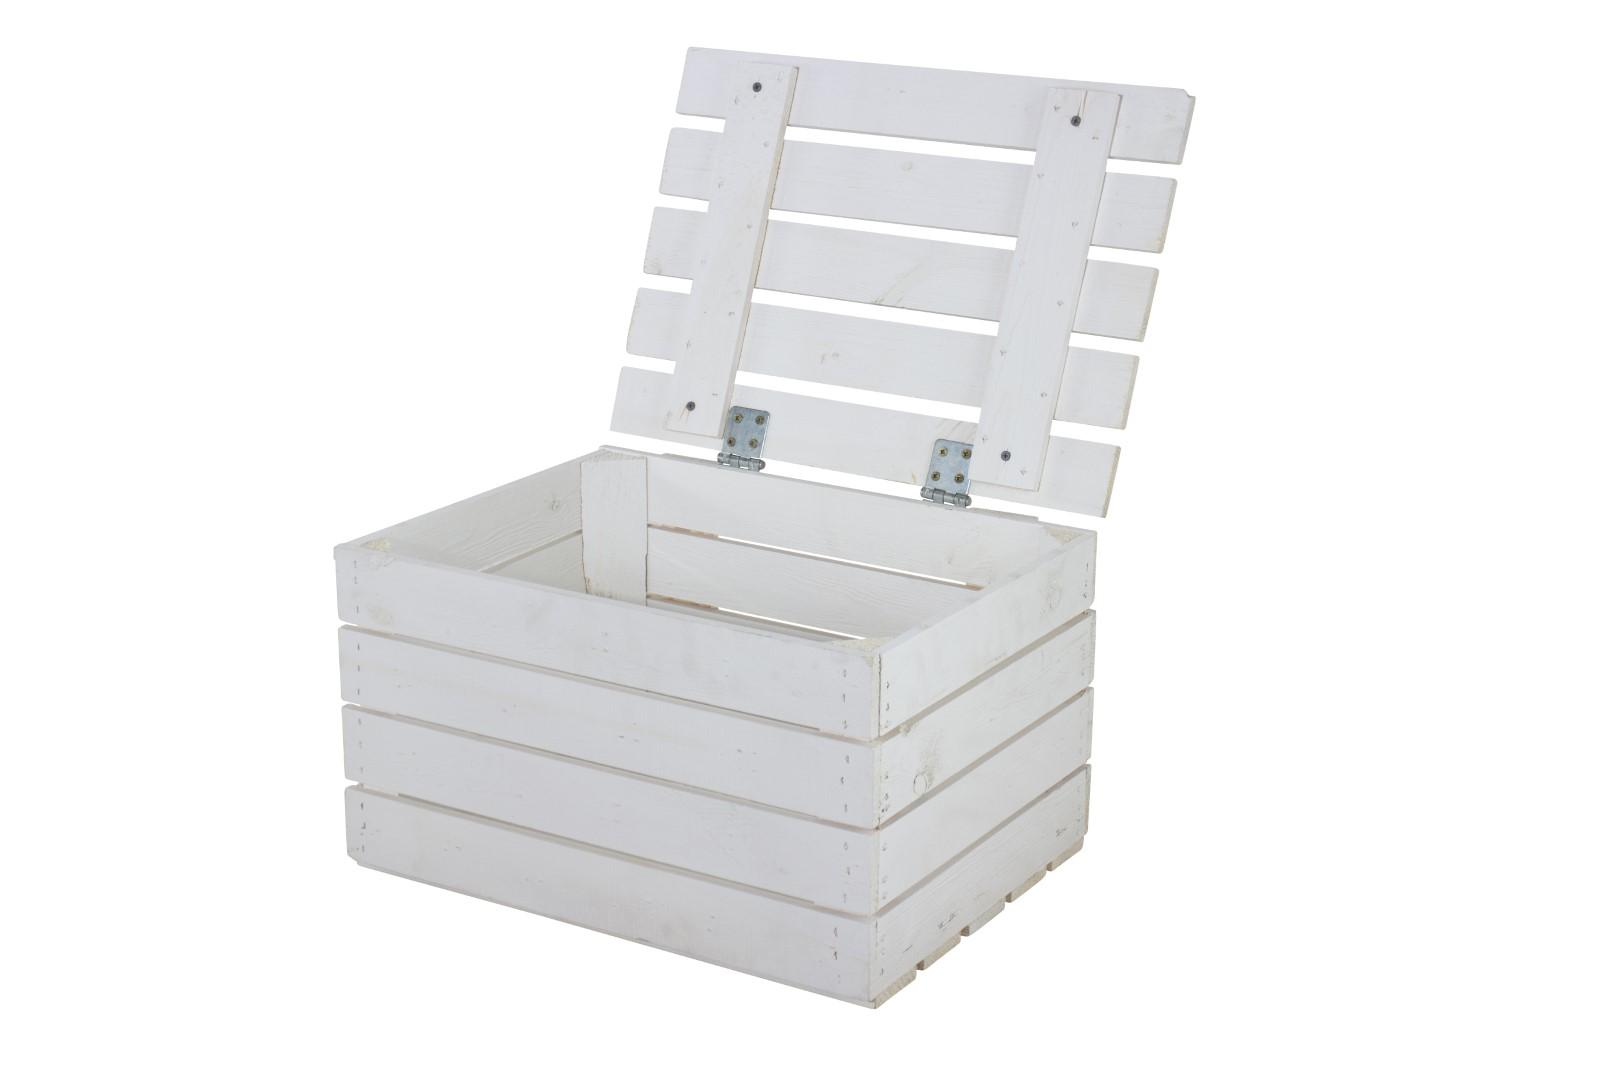 Neue Holztruhe in weiß *klein* 48x36x28cm